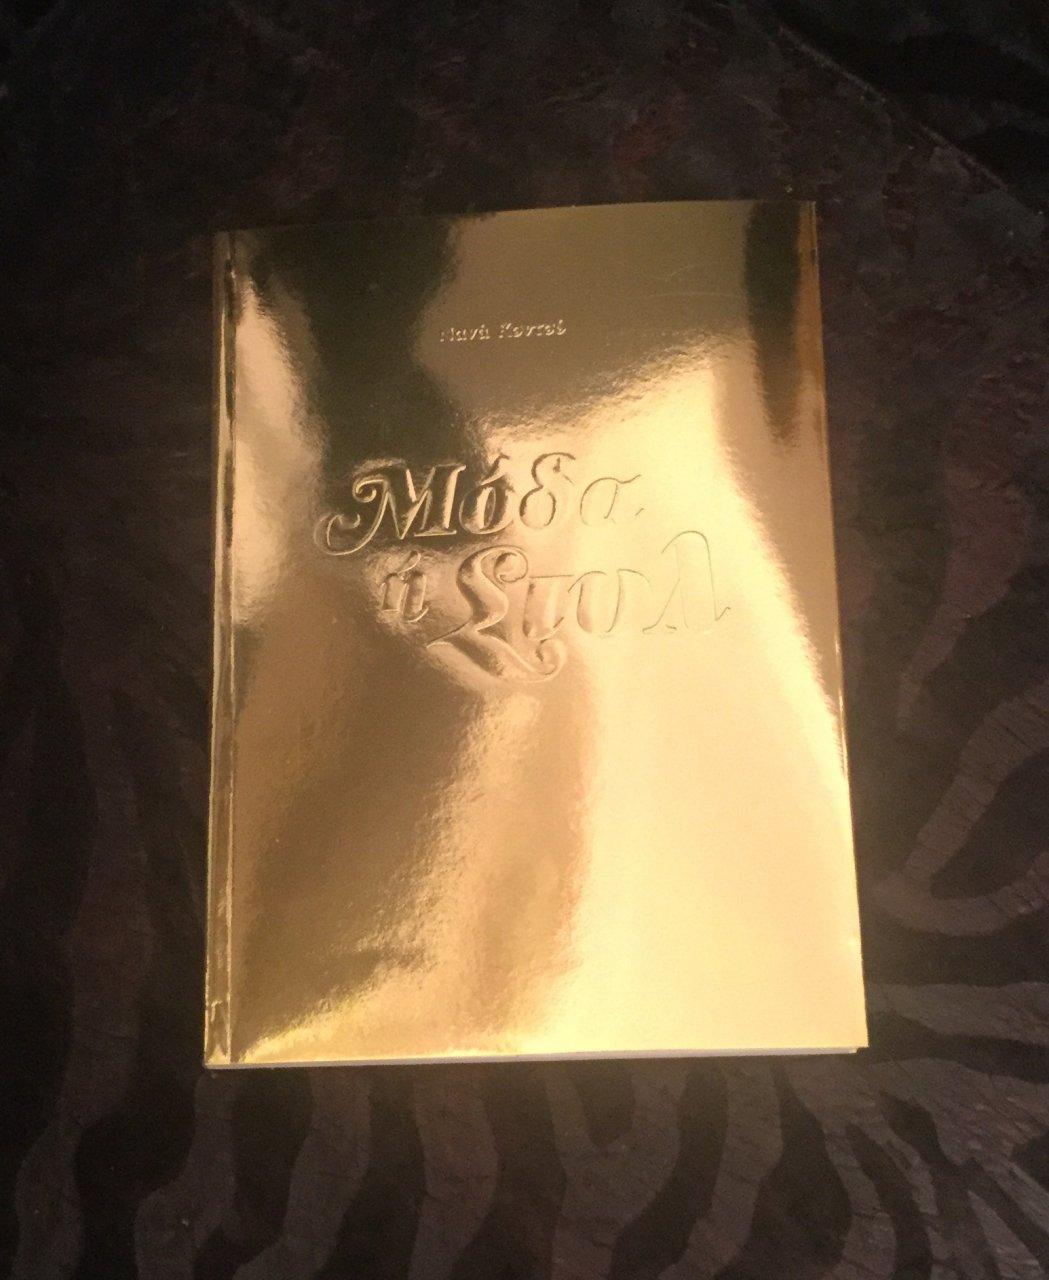 Παρουσιάζεται το βιβλίο της Νανάς Κοντού «Μόδα ή στυλ»